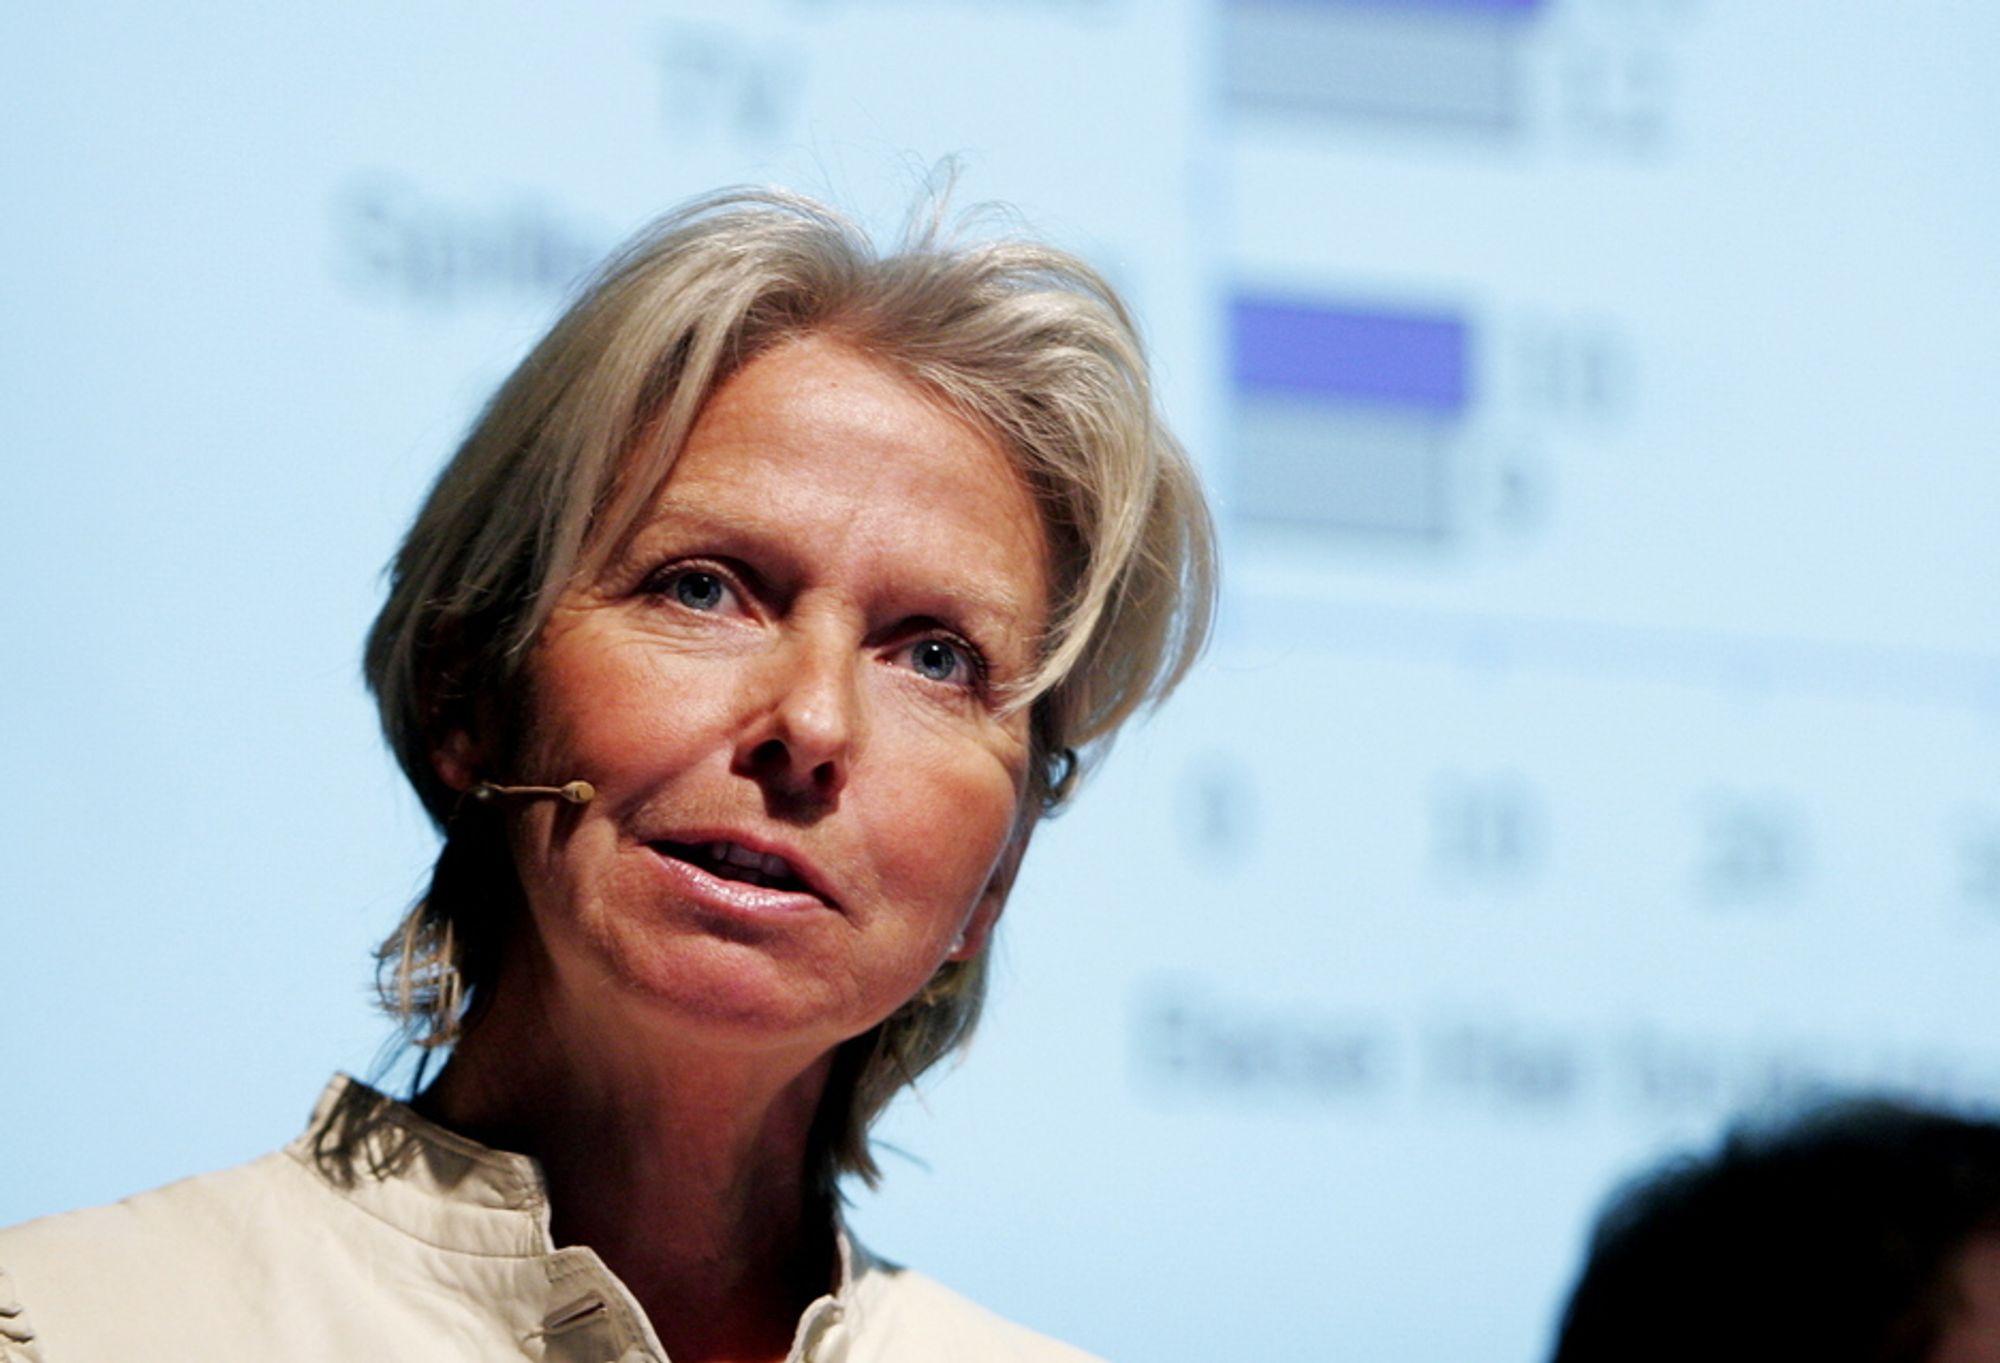 MOBIL OG BREDBÅND: Berit Kjøll har tidligere ledet mobil- og bredbåndsarbeidet i Telenor og går nå over til den kinesiske infrastrukturspesialisten Huawei.